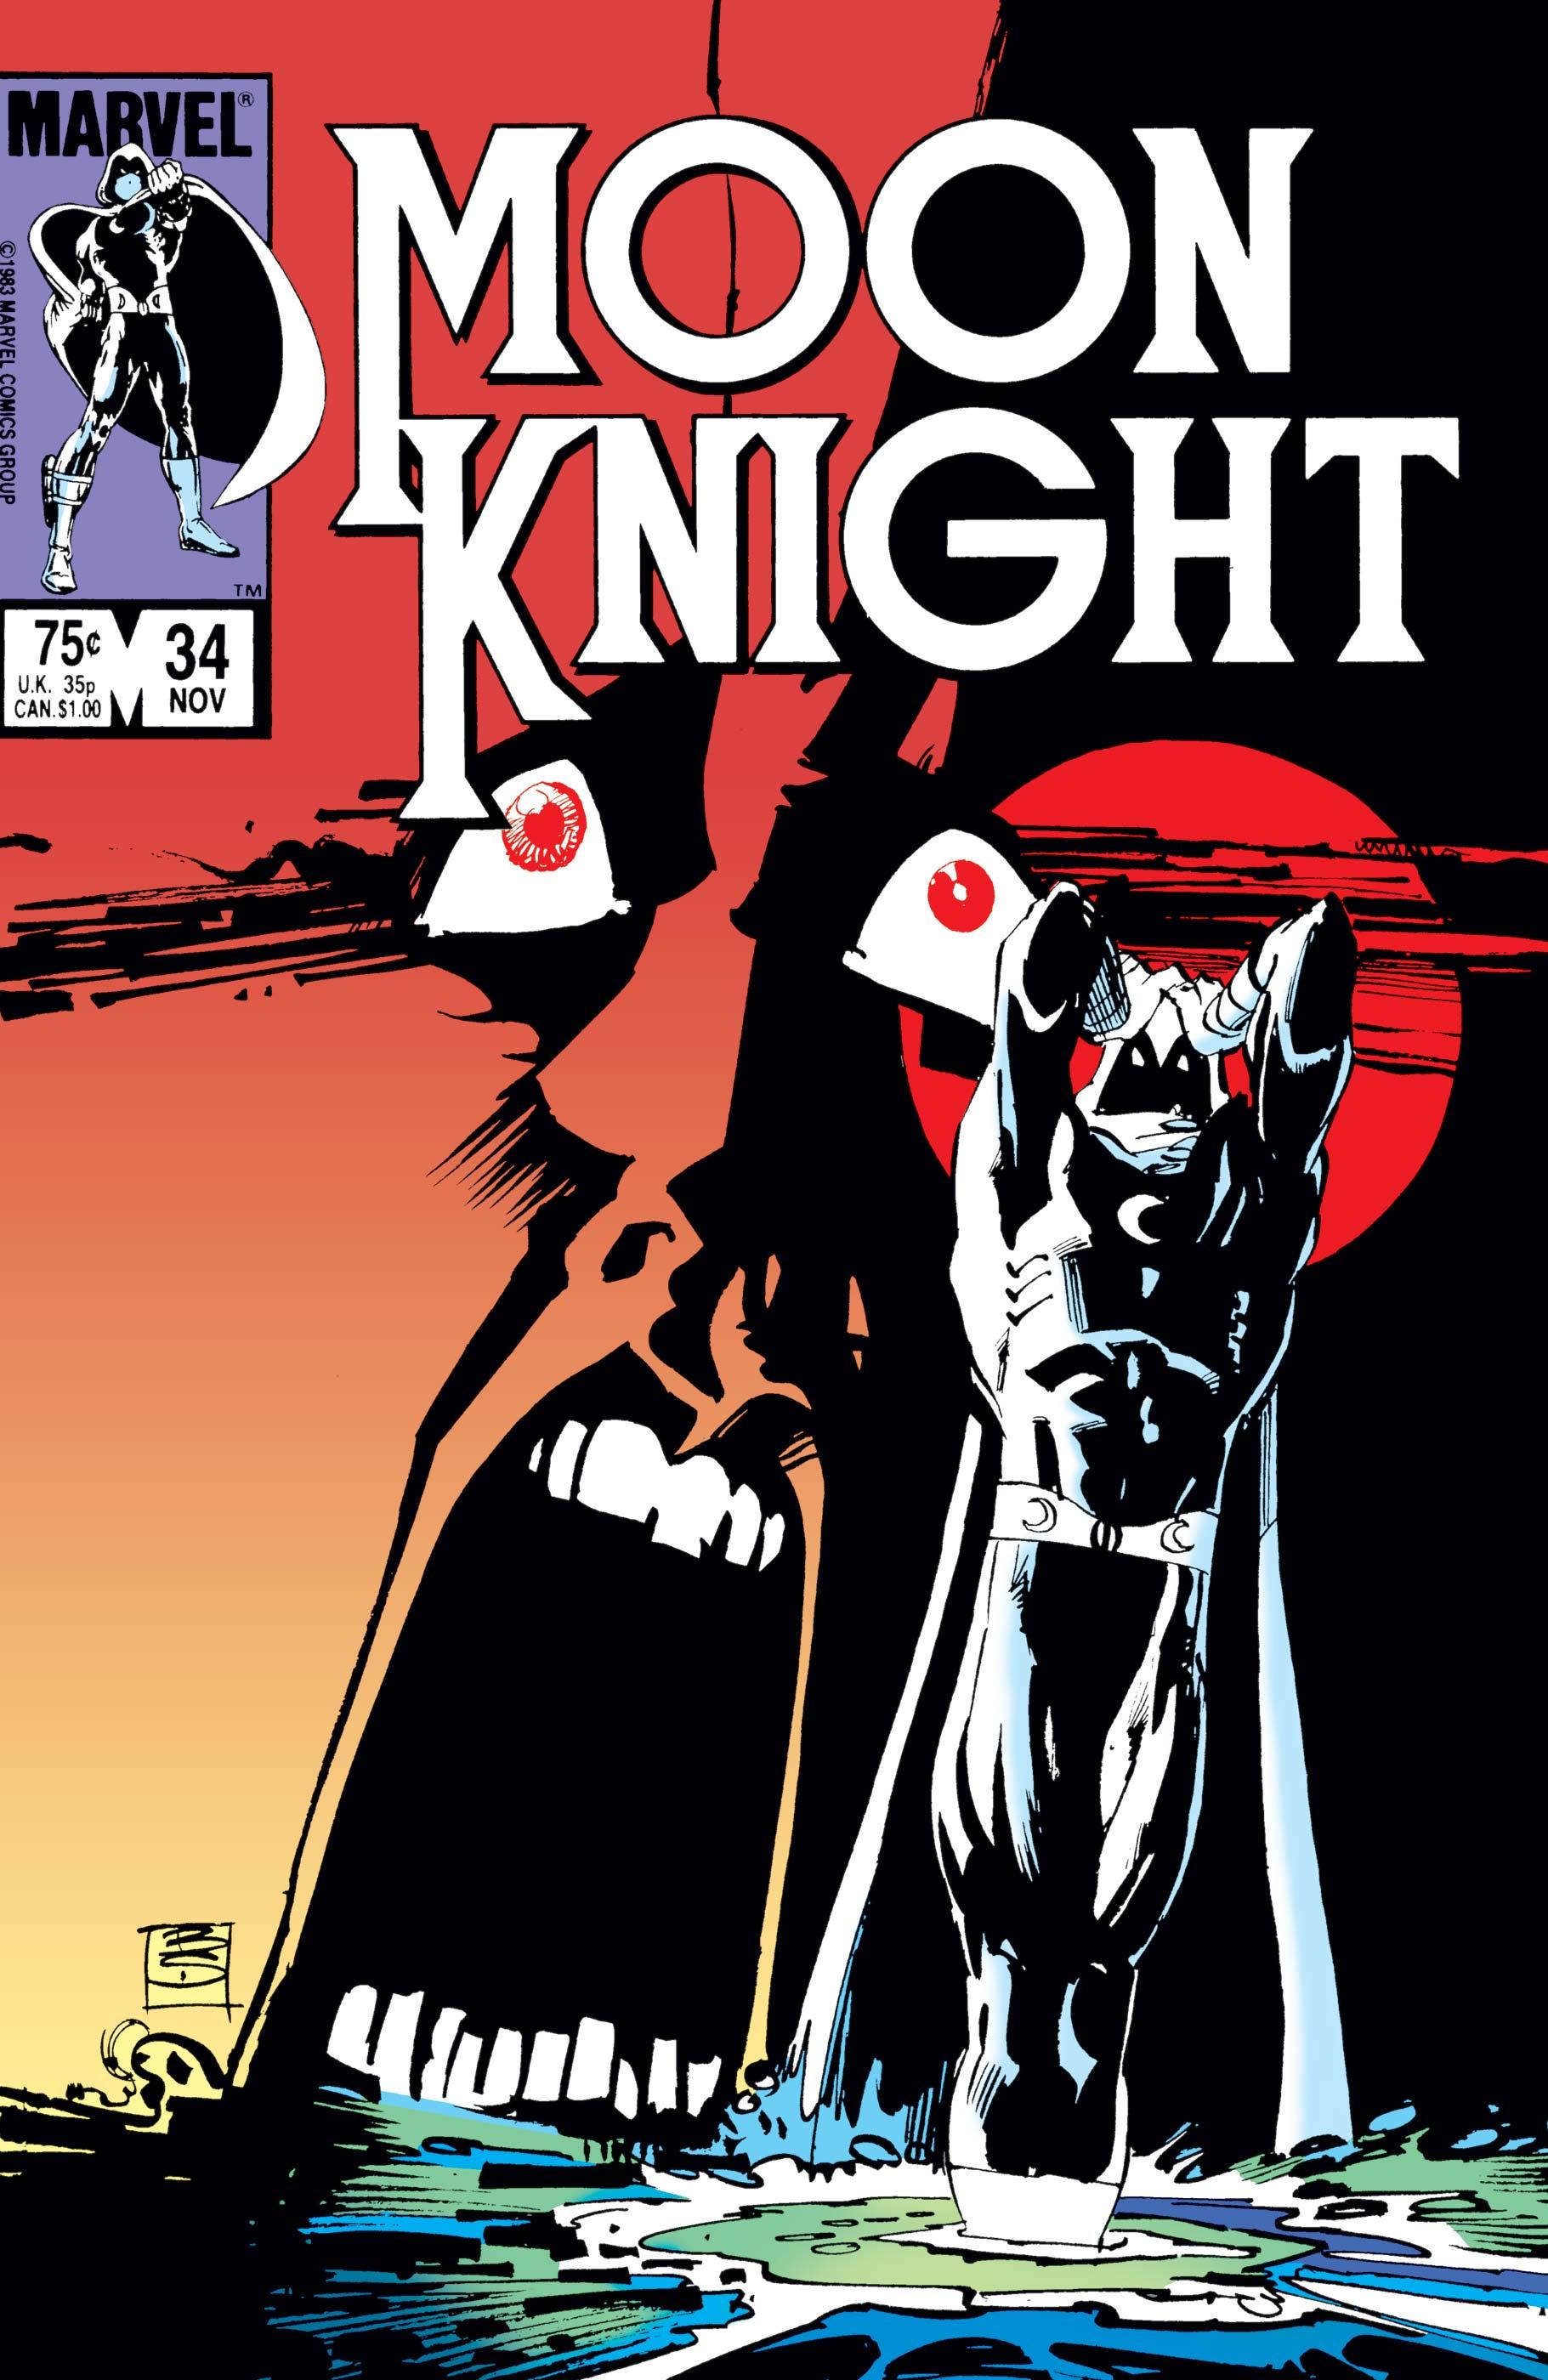 Moon Knight (1980) #34